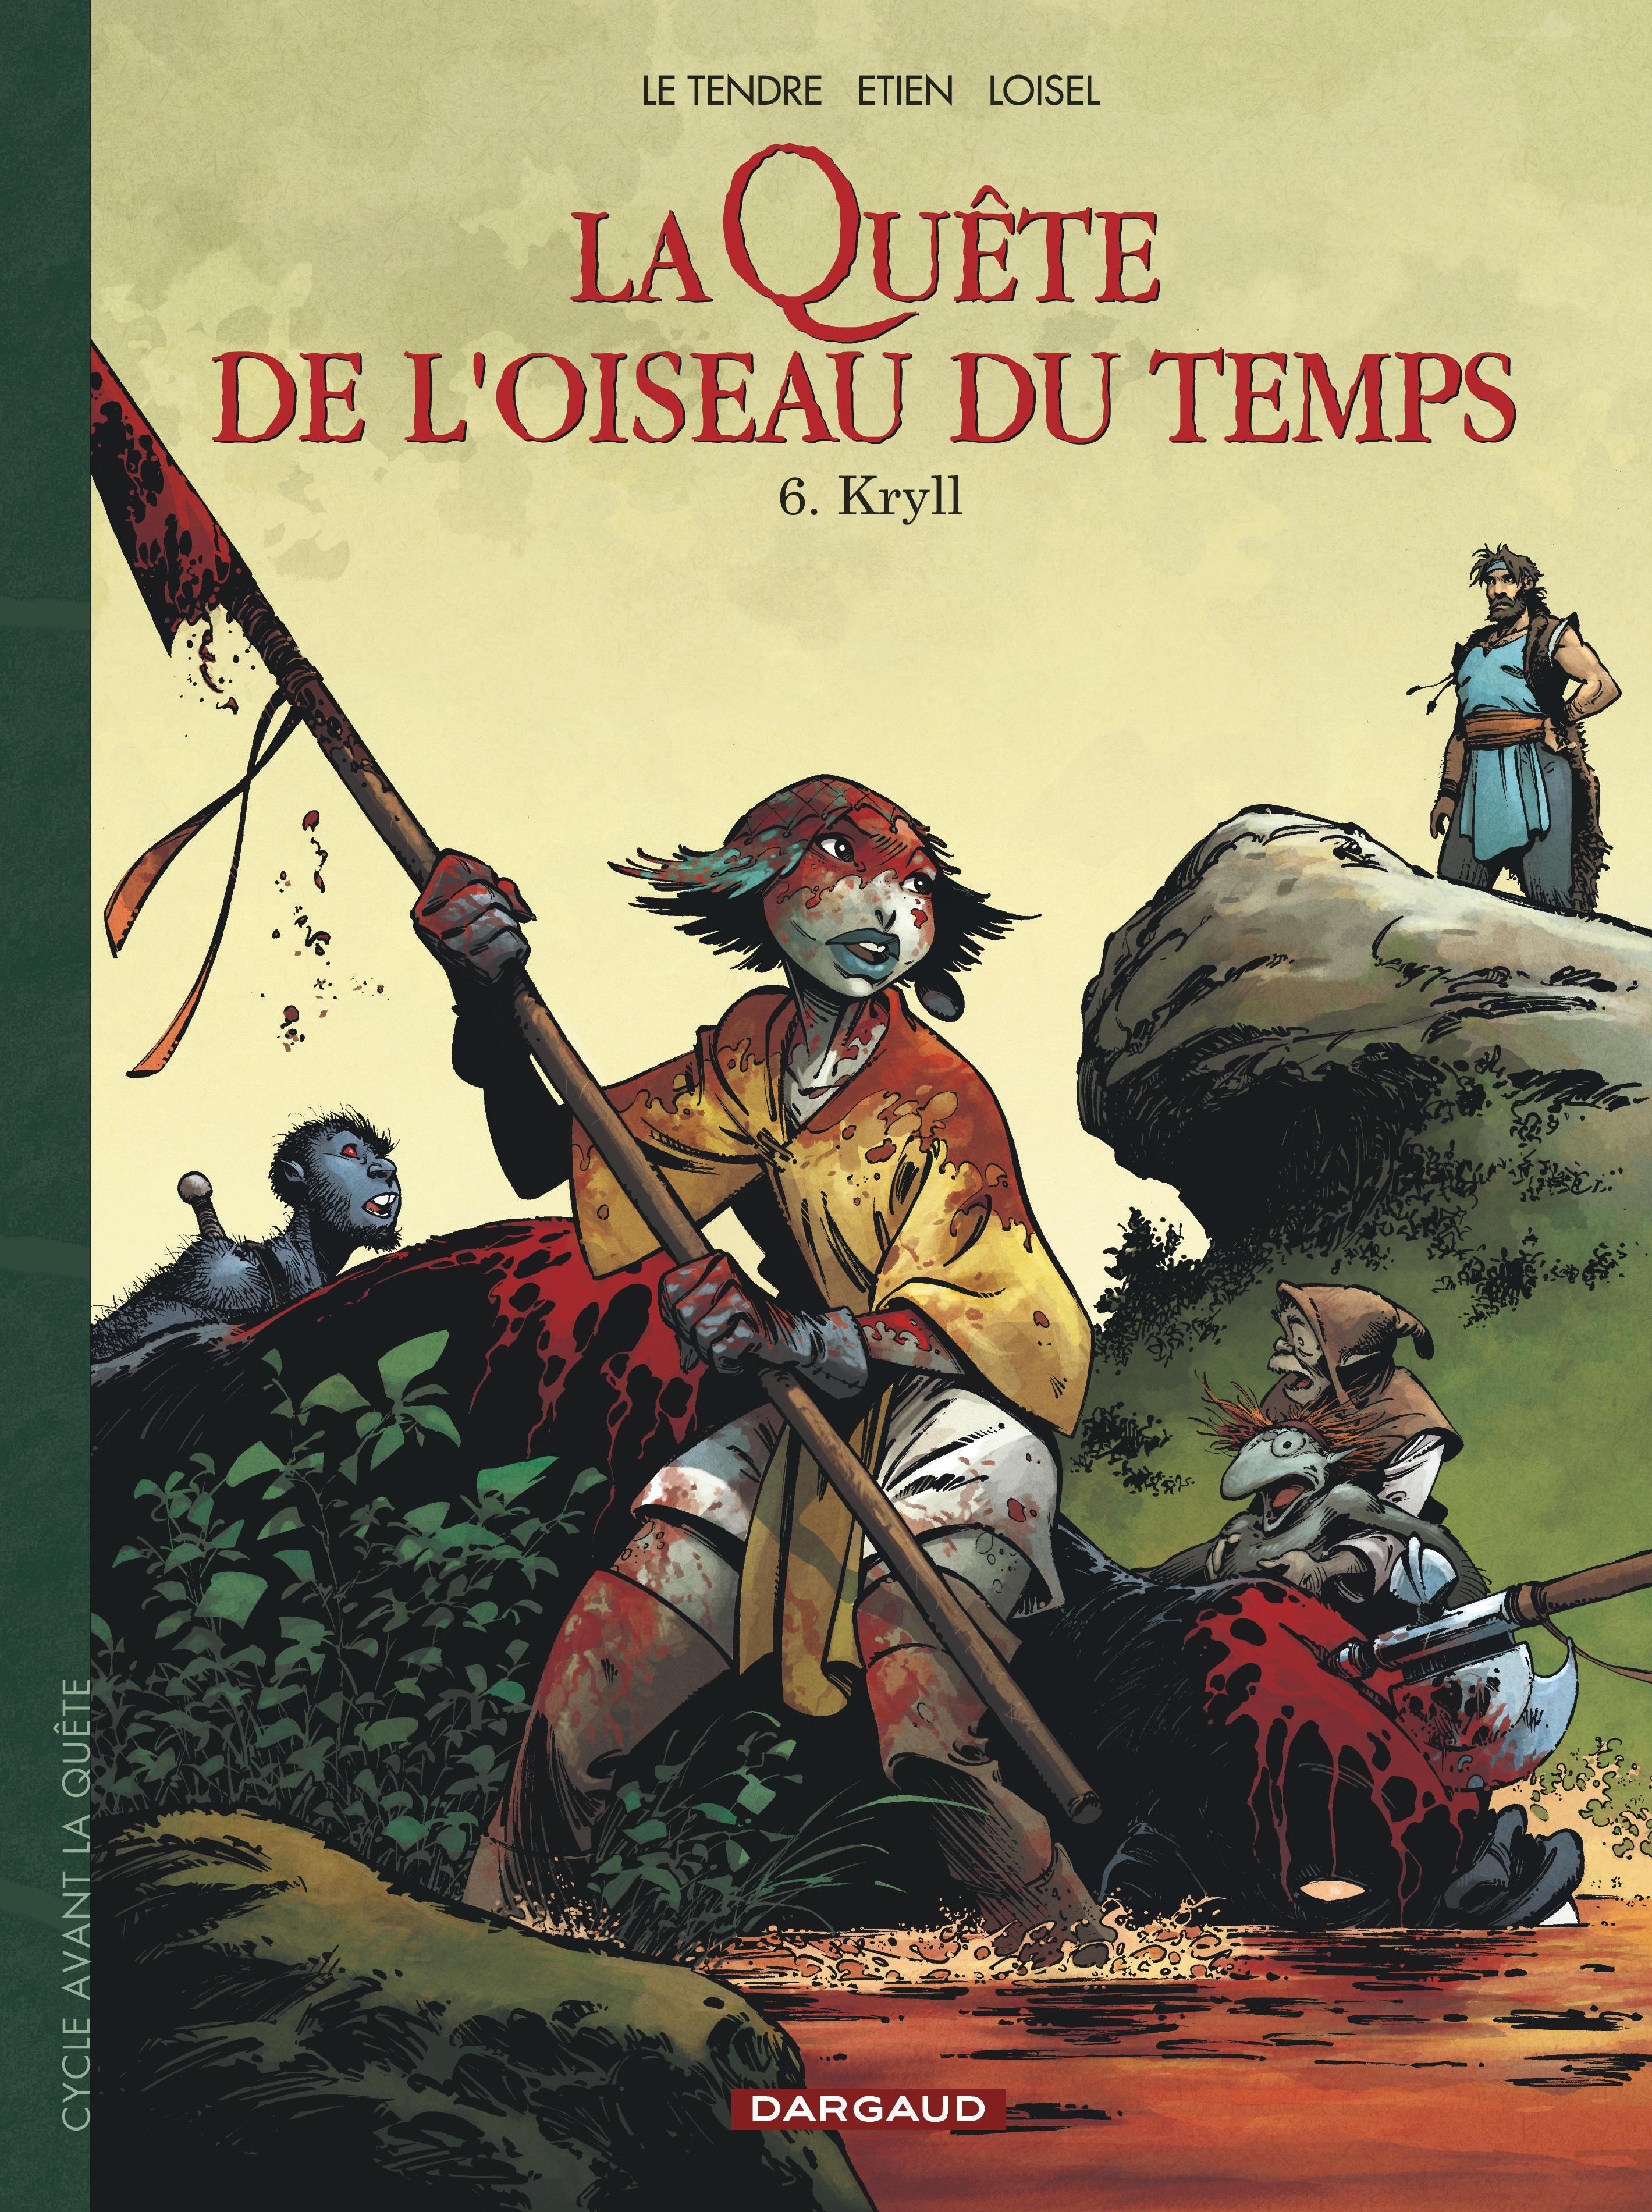 LA QUETE DE L'OISEAU DU TEMPS - T06 - LA QUETE DE L'OISEAU DU TEMPS  - AVANT LA QUETE - KRYLL